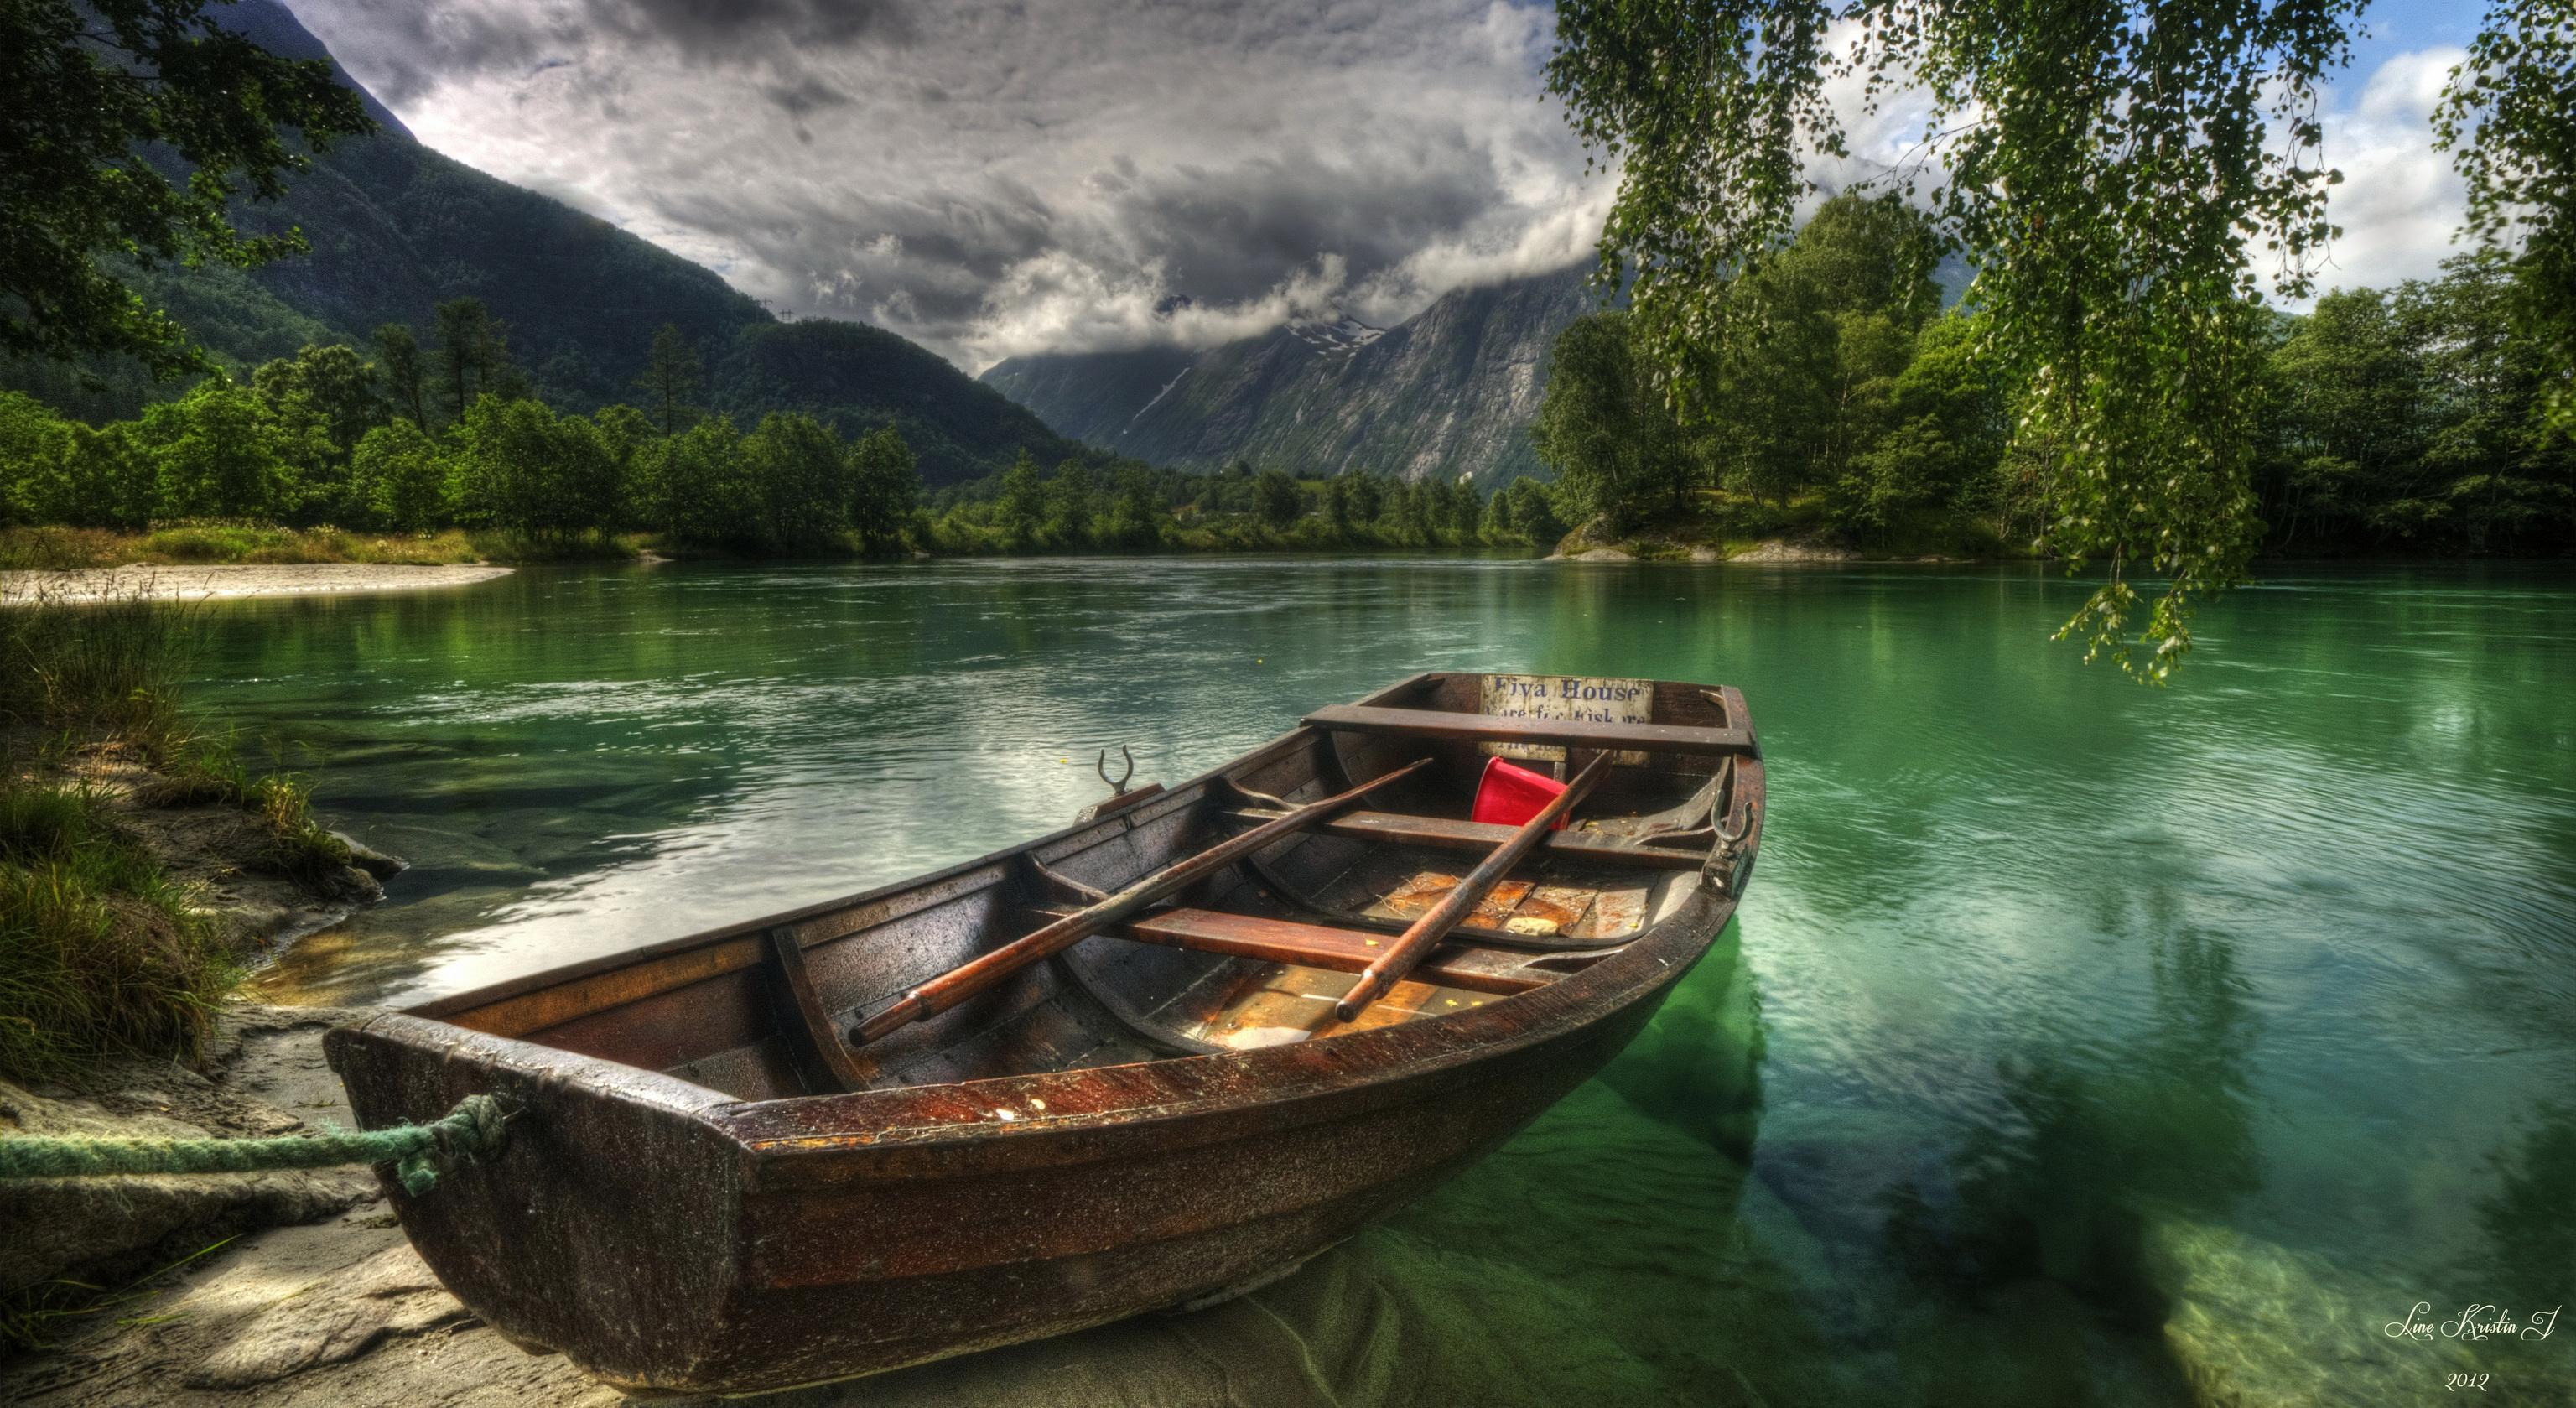 На лодке в горном озере  № 3062408 бесплатно